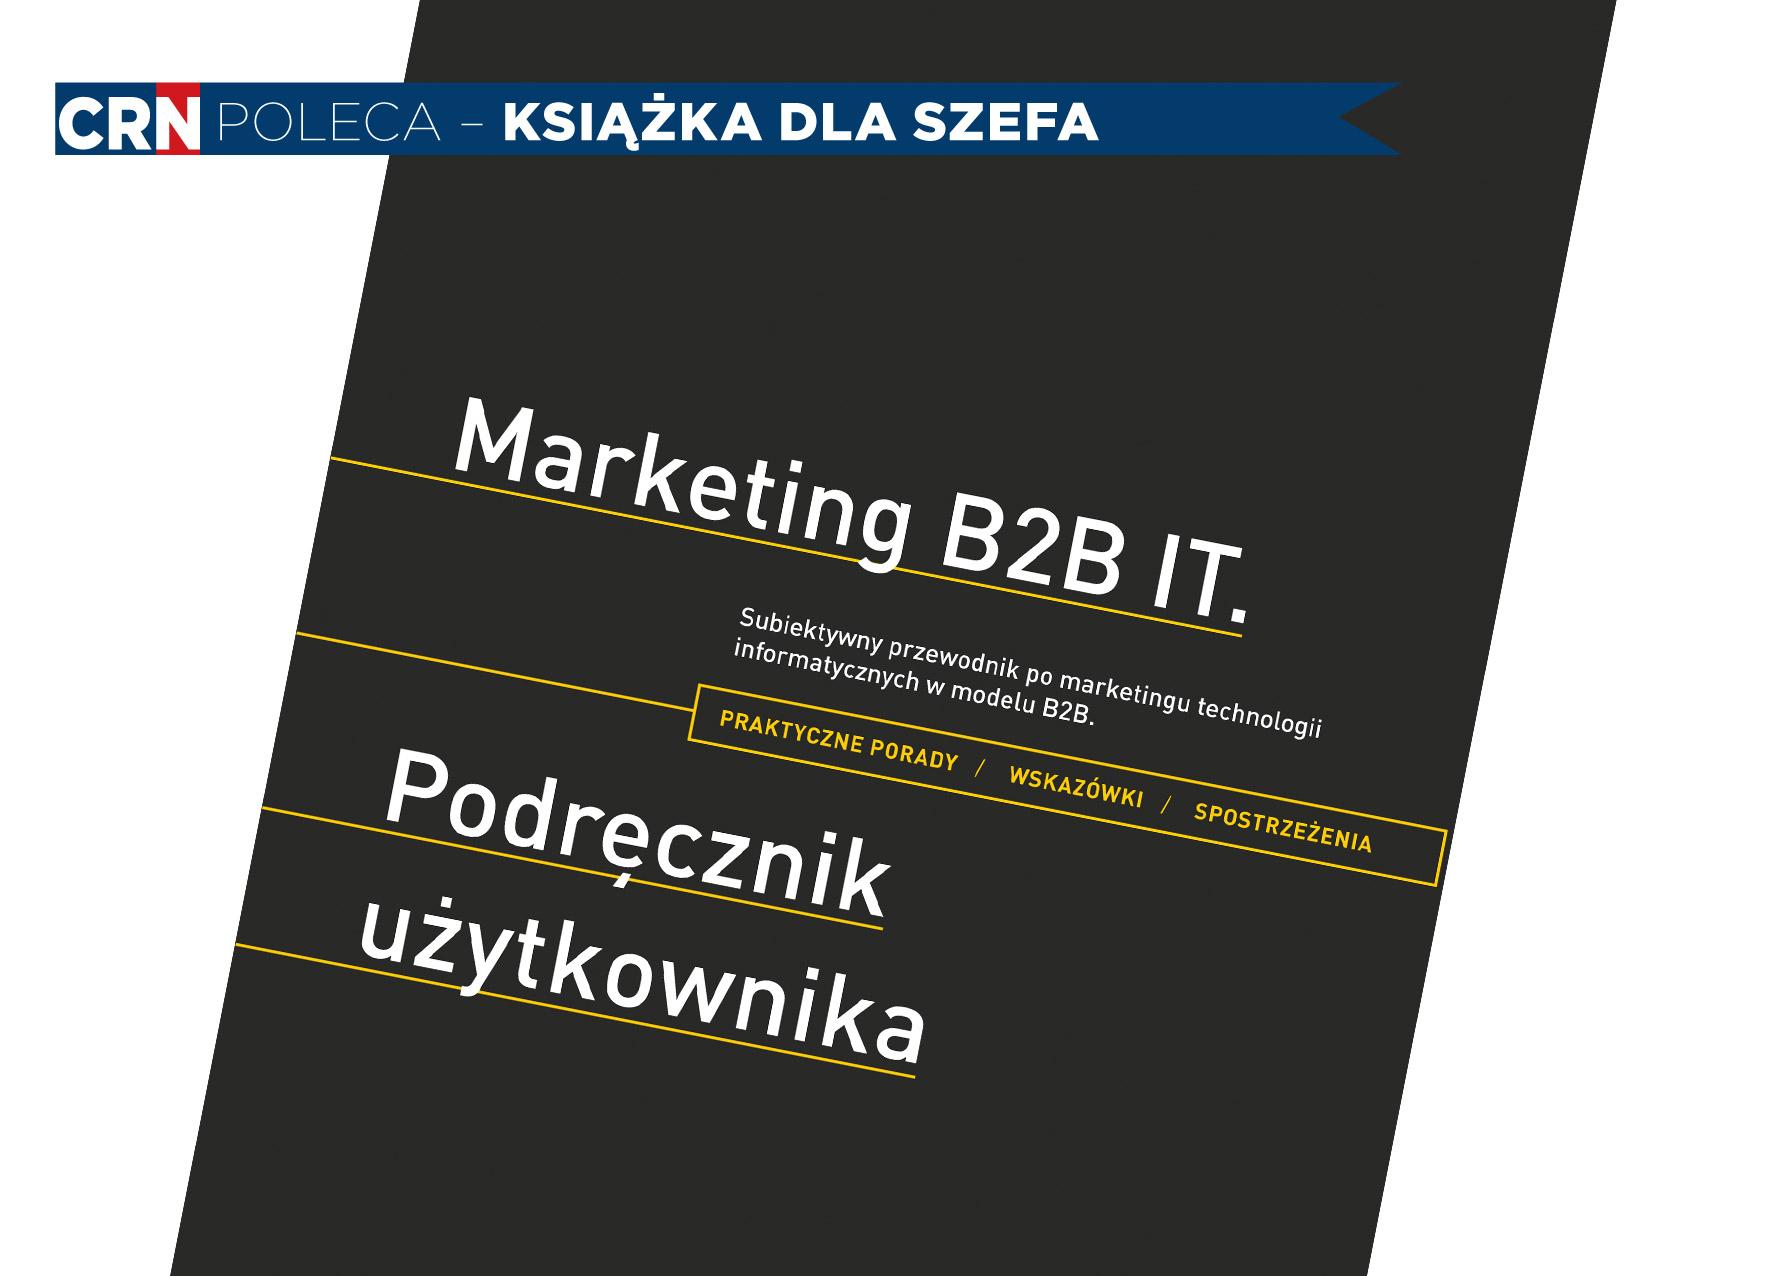 """""""Marketing B2B IT. Podręcznik użytkownika"""""""